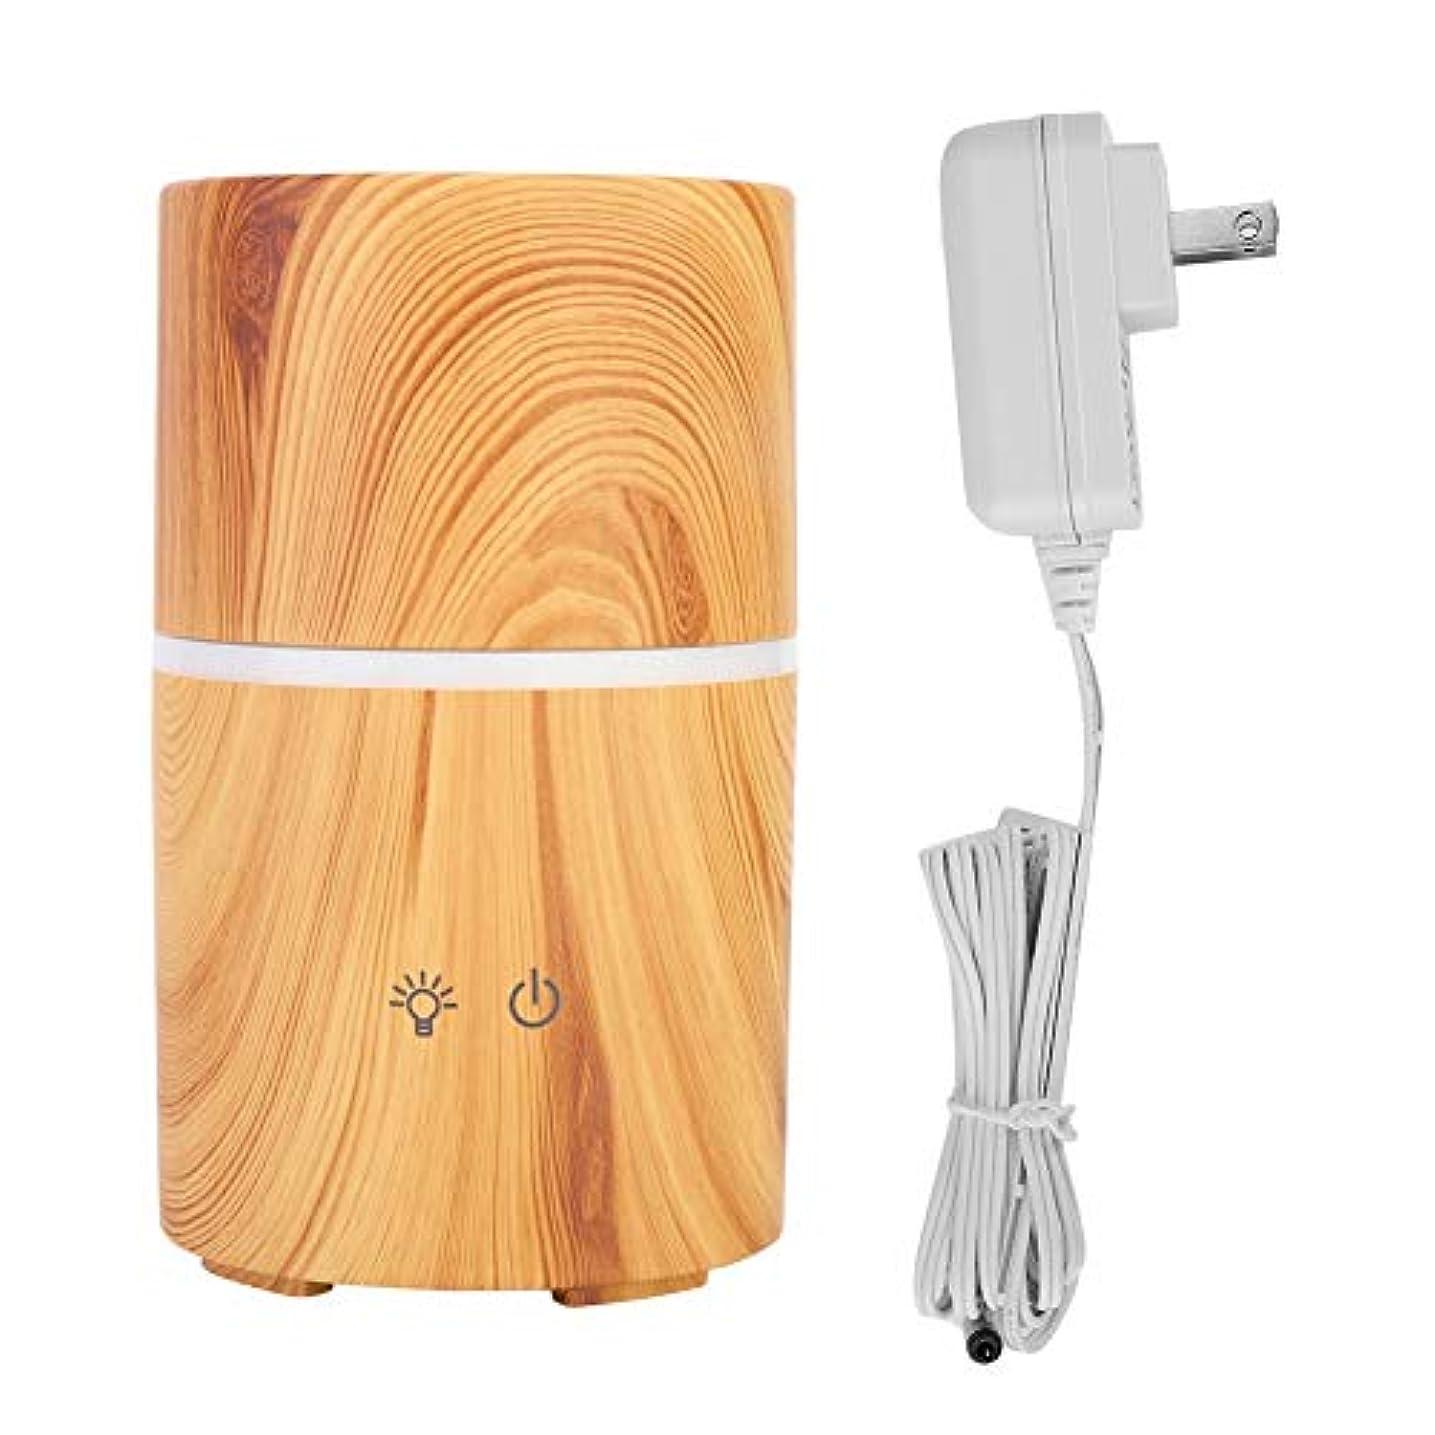 解く衝突め言葉アロマセラピーディフューザー、多目的木目LEDインテリジェントディフューザーワイヤレススピーカー加湿器家庭用装飾(USプラグ100-240V)